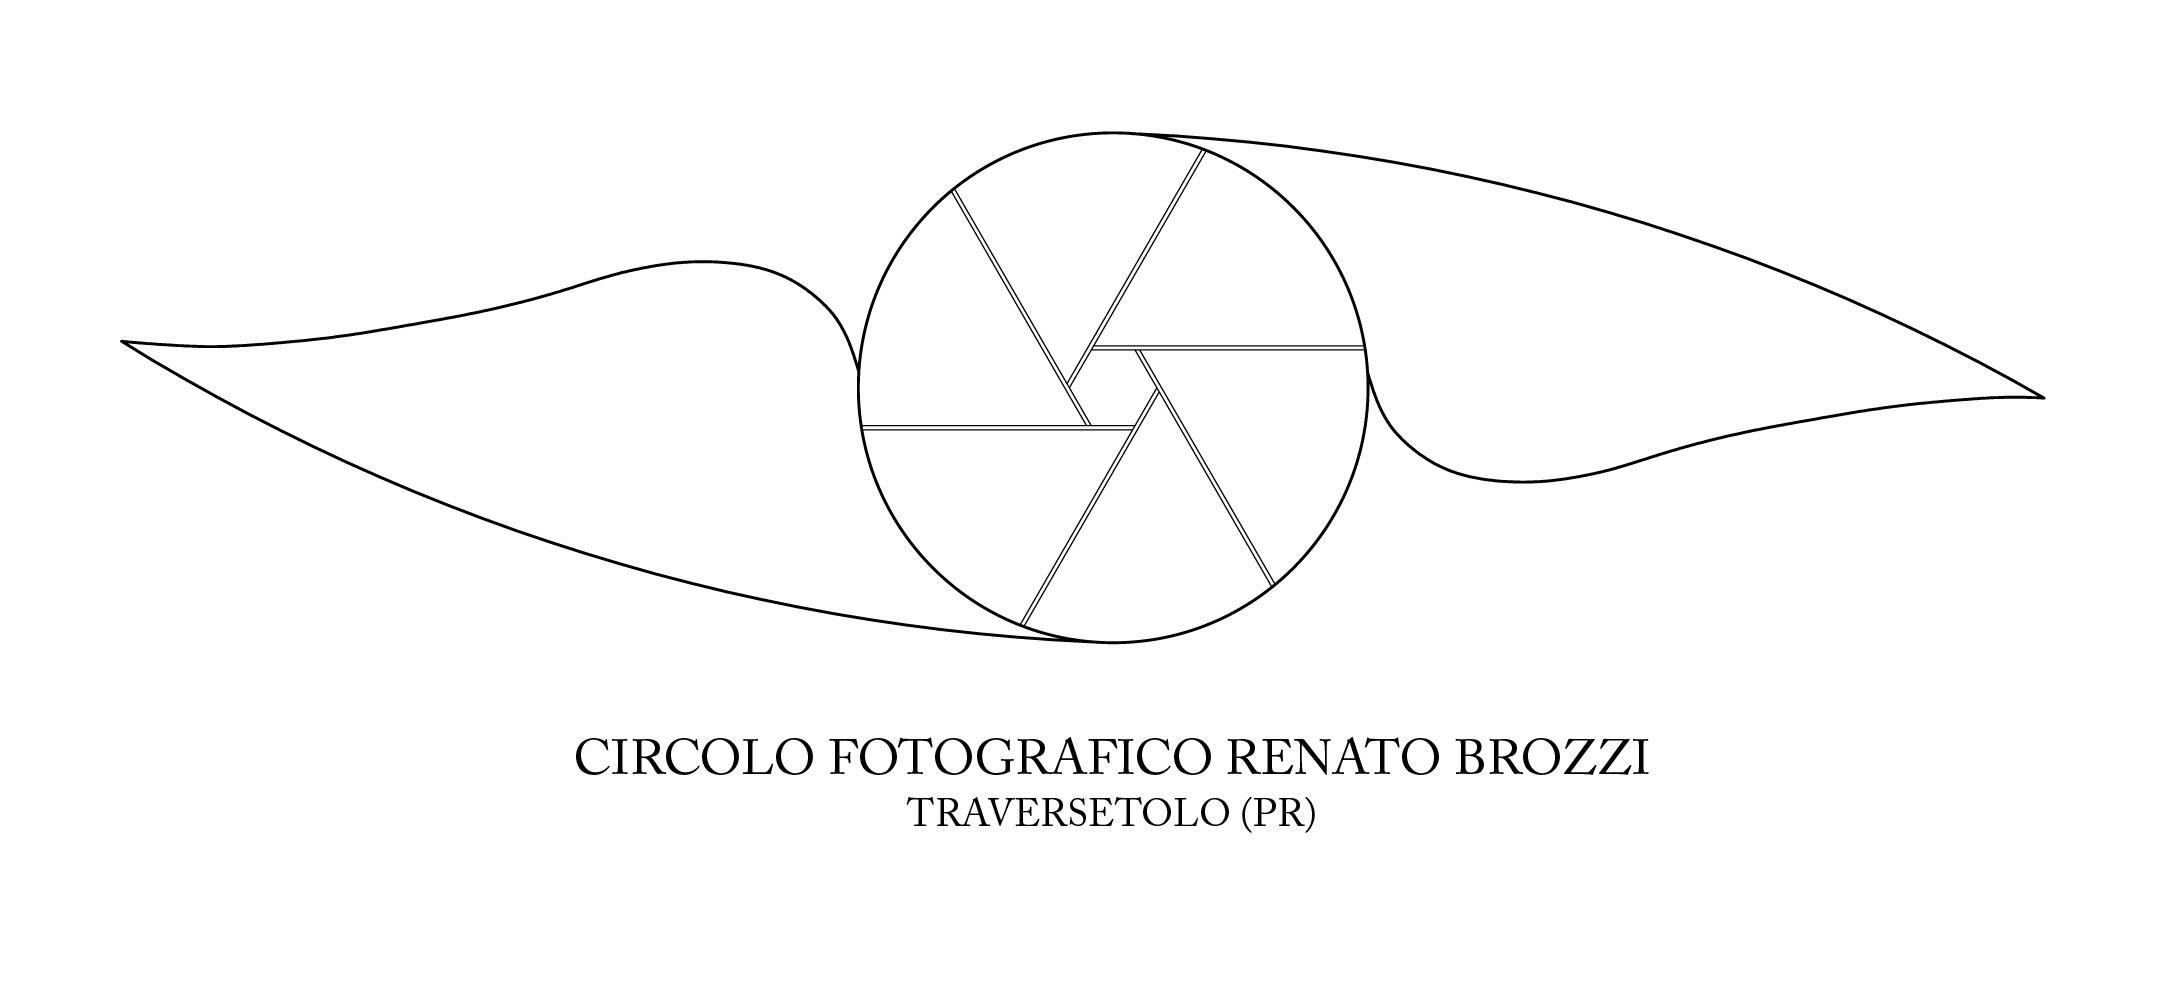 Appuntamenti Online al Brozzi - lunedì 20 aprile ospite Andrea Morini del C.F. Brozzi